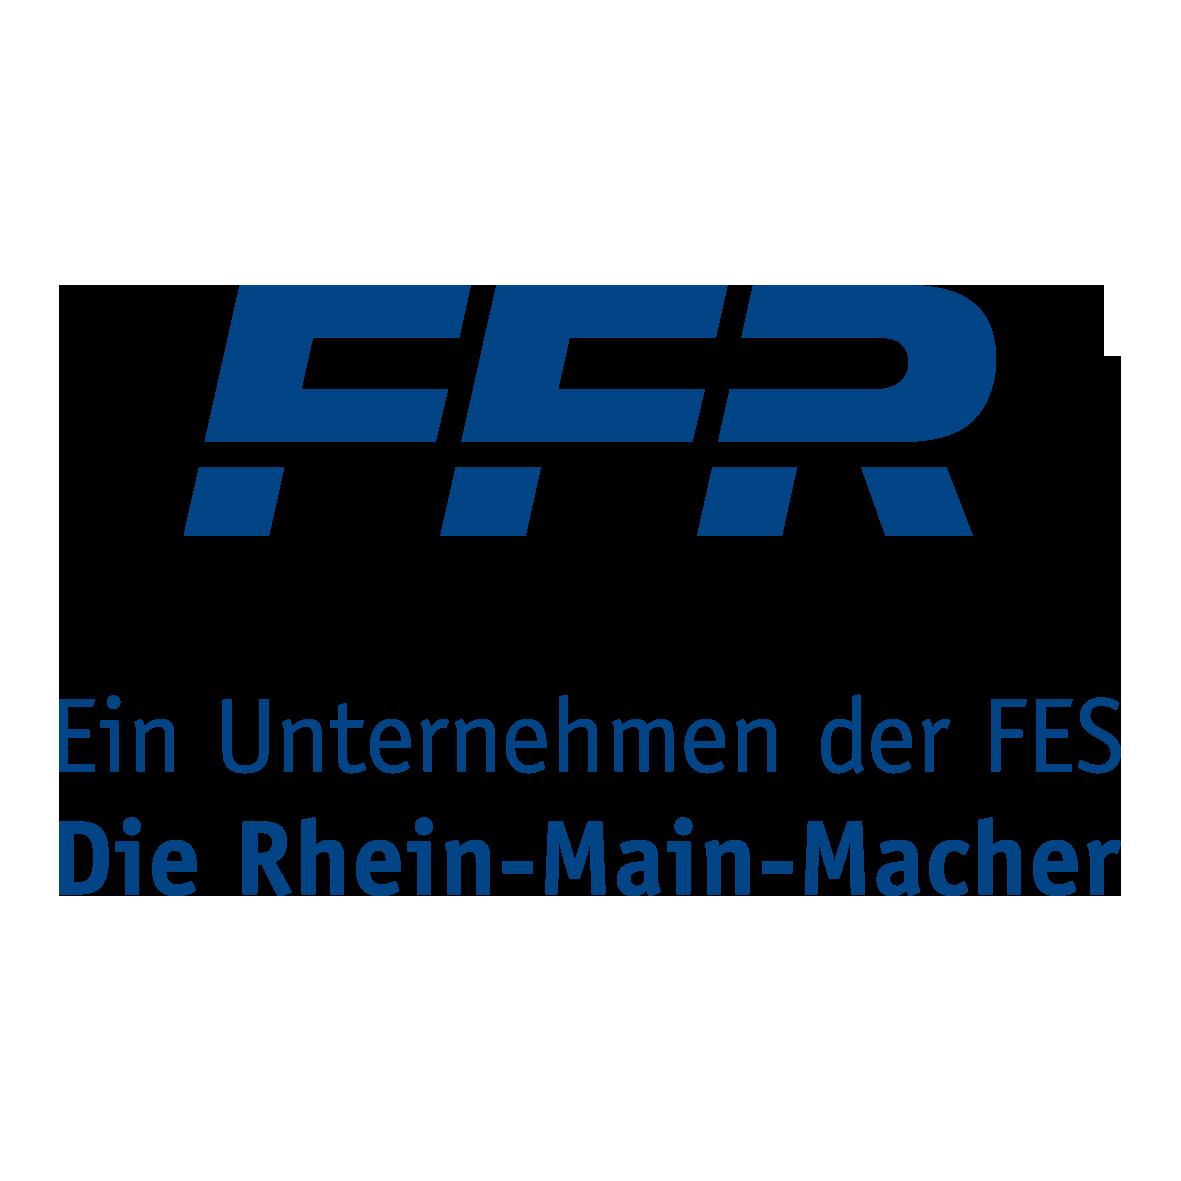 FFR GmbH